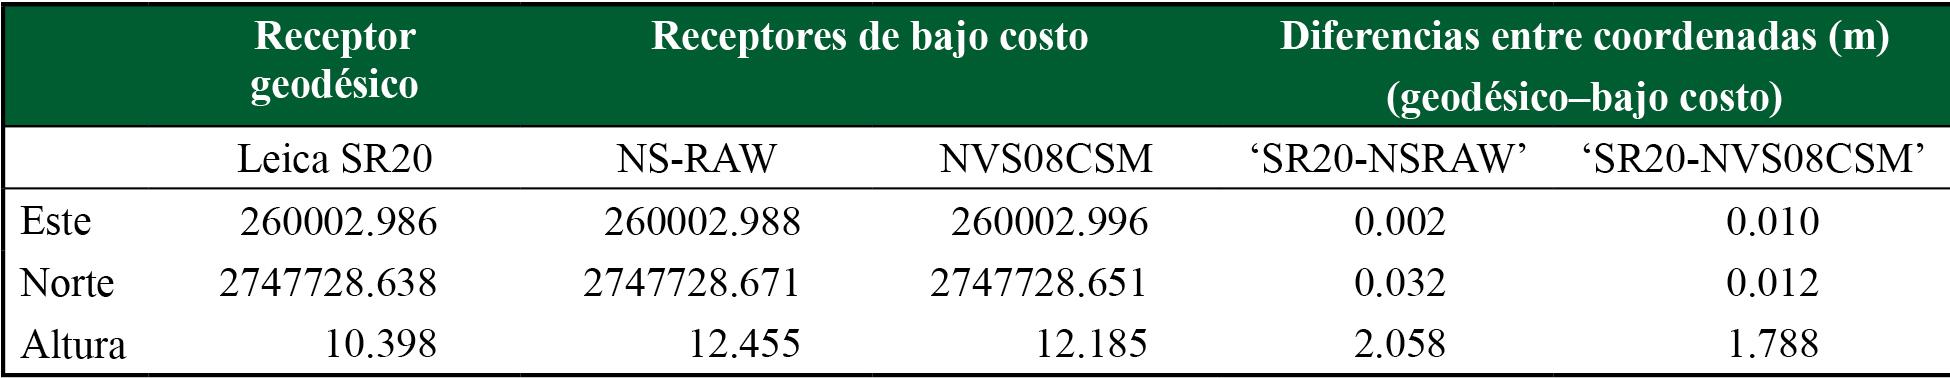 Coordenadas Norte, Este y Altura obtenidas con el software Leica Geo Office, así como la diferencia entre el receptor geodésico (valor real) y los receptores de bajo costo para cada coordenada calculada mediante DGPS.